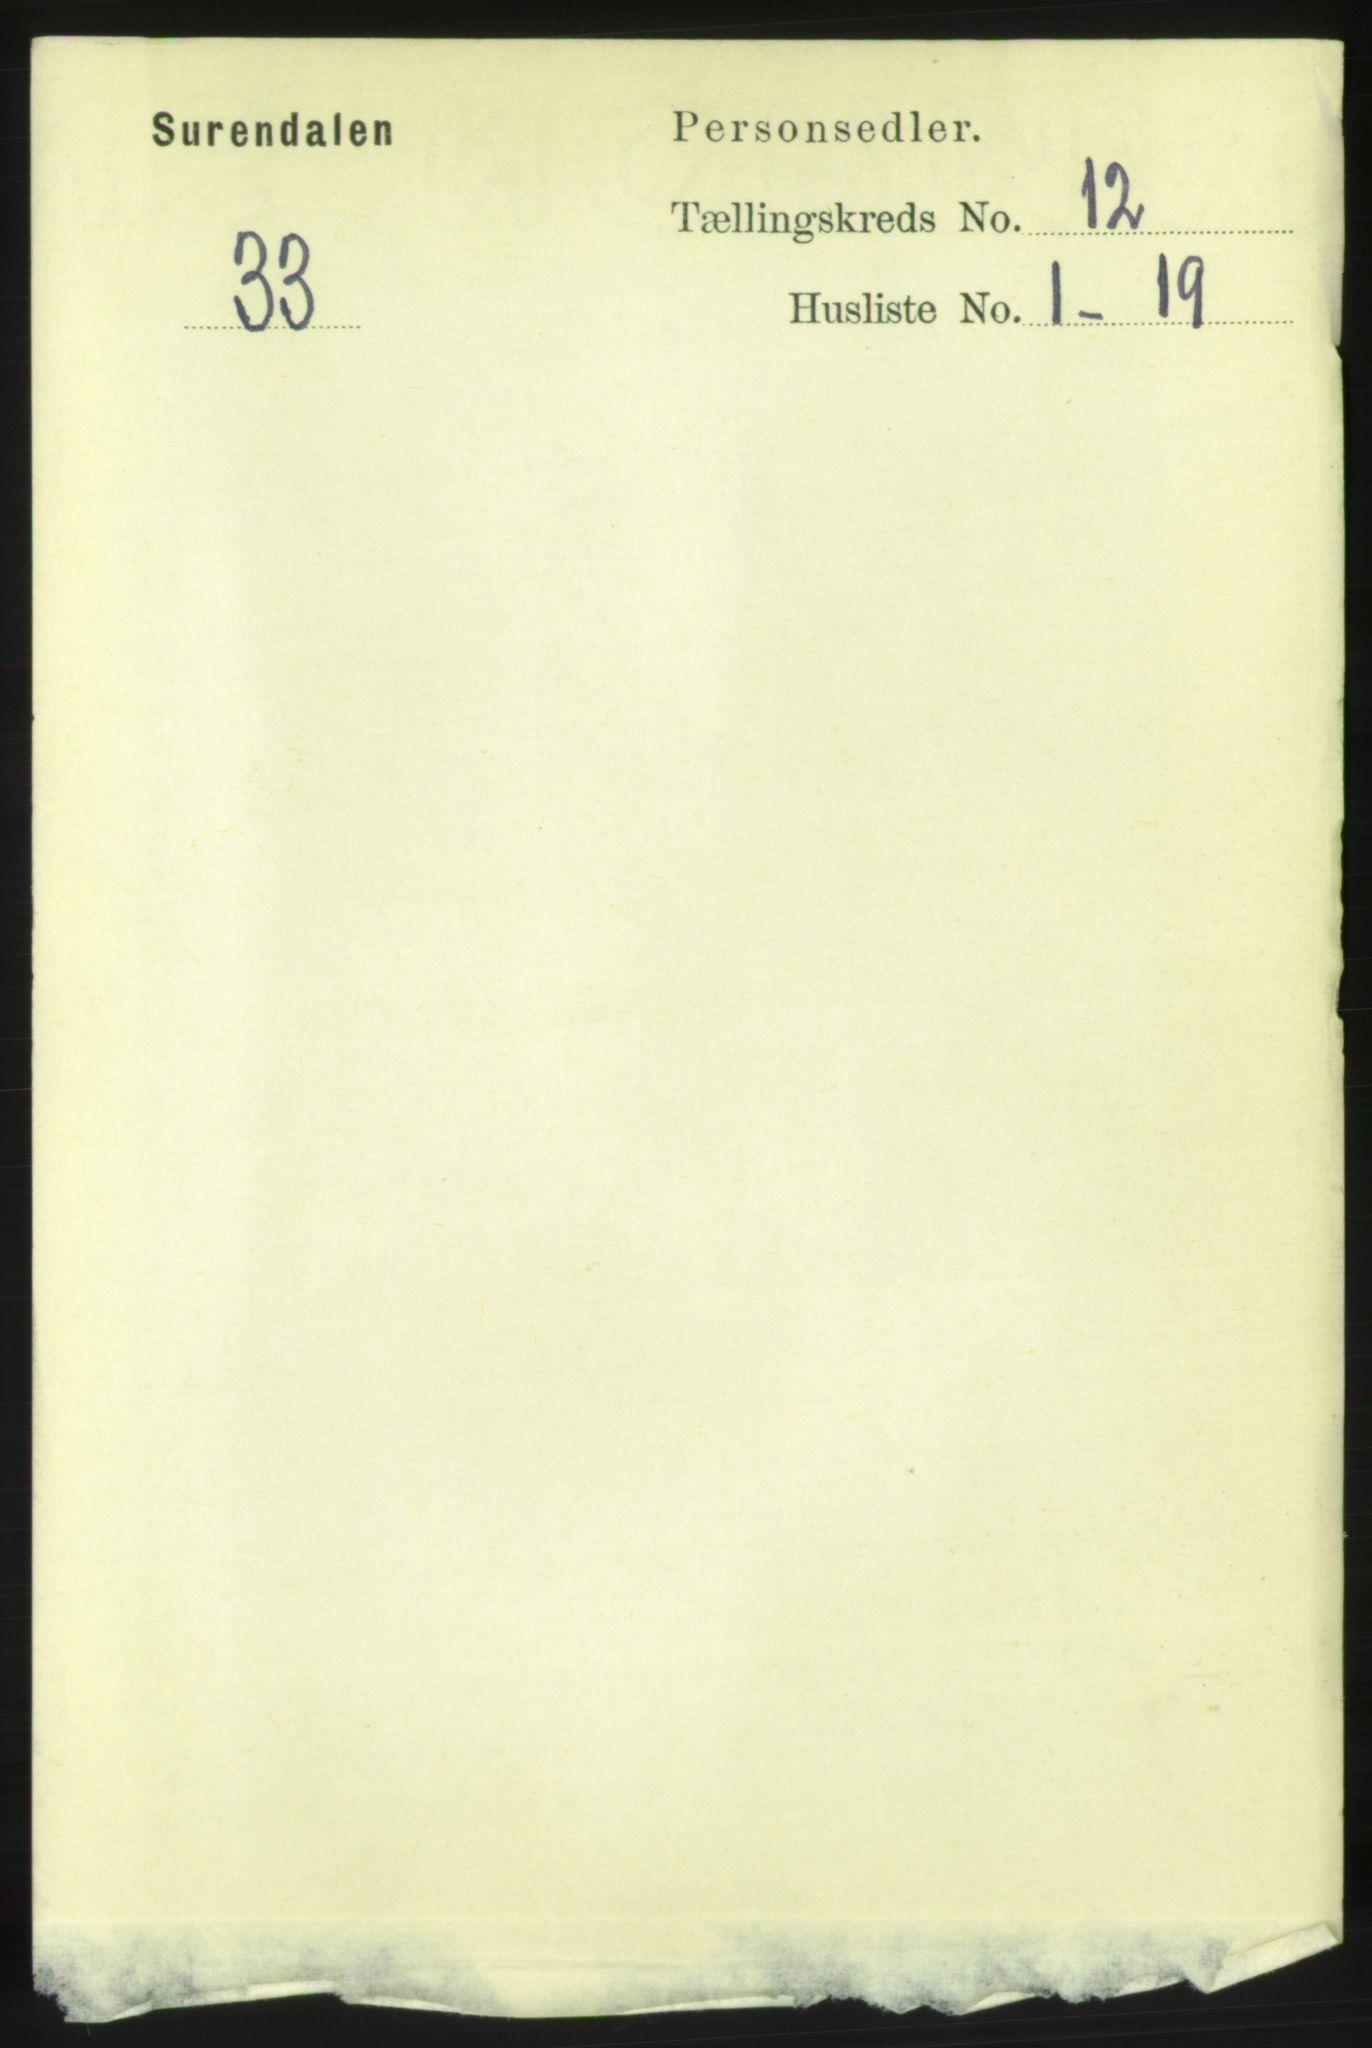 RA, Folketelling 1891 for 1566 Surnadal herred, 1891, s. 2869